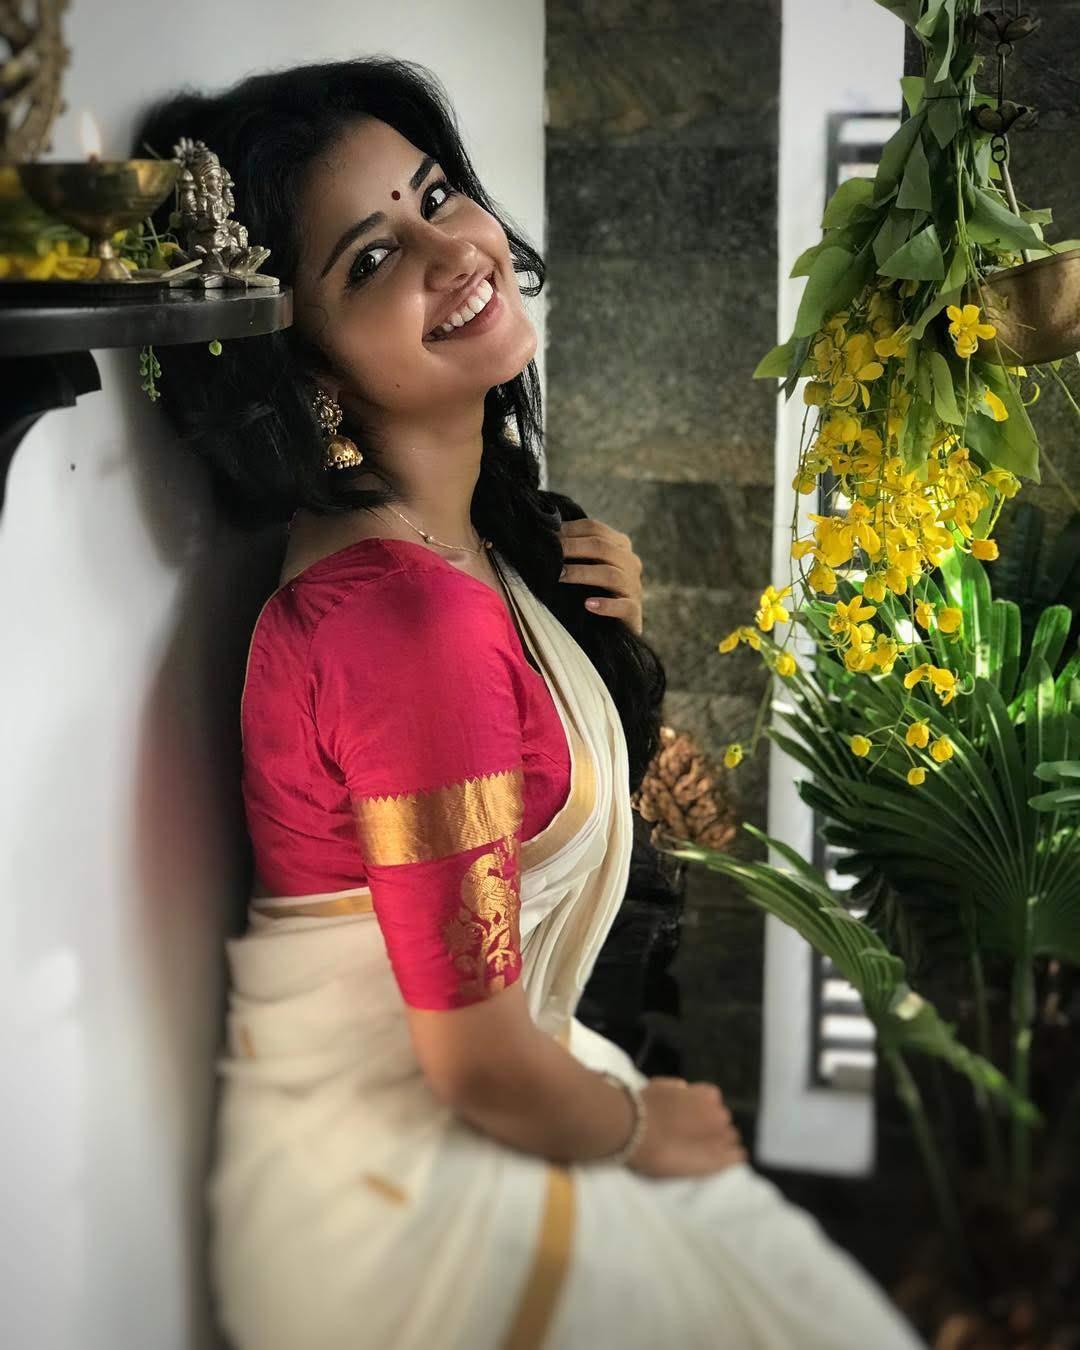 anupama_parameswaran_170